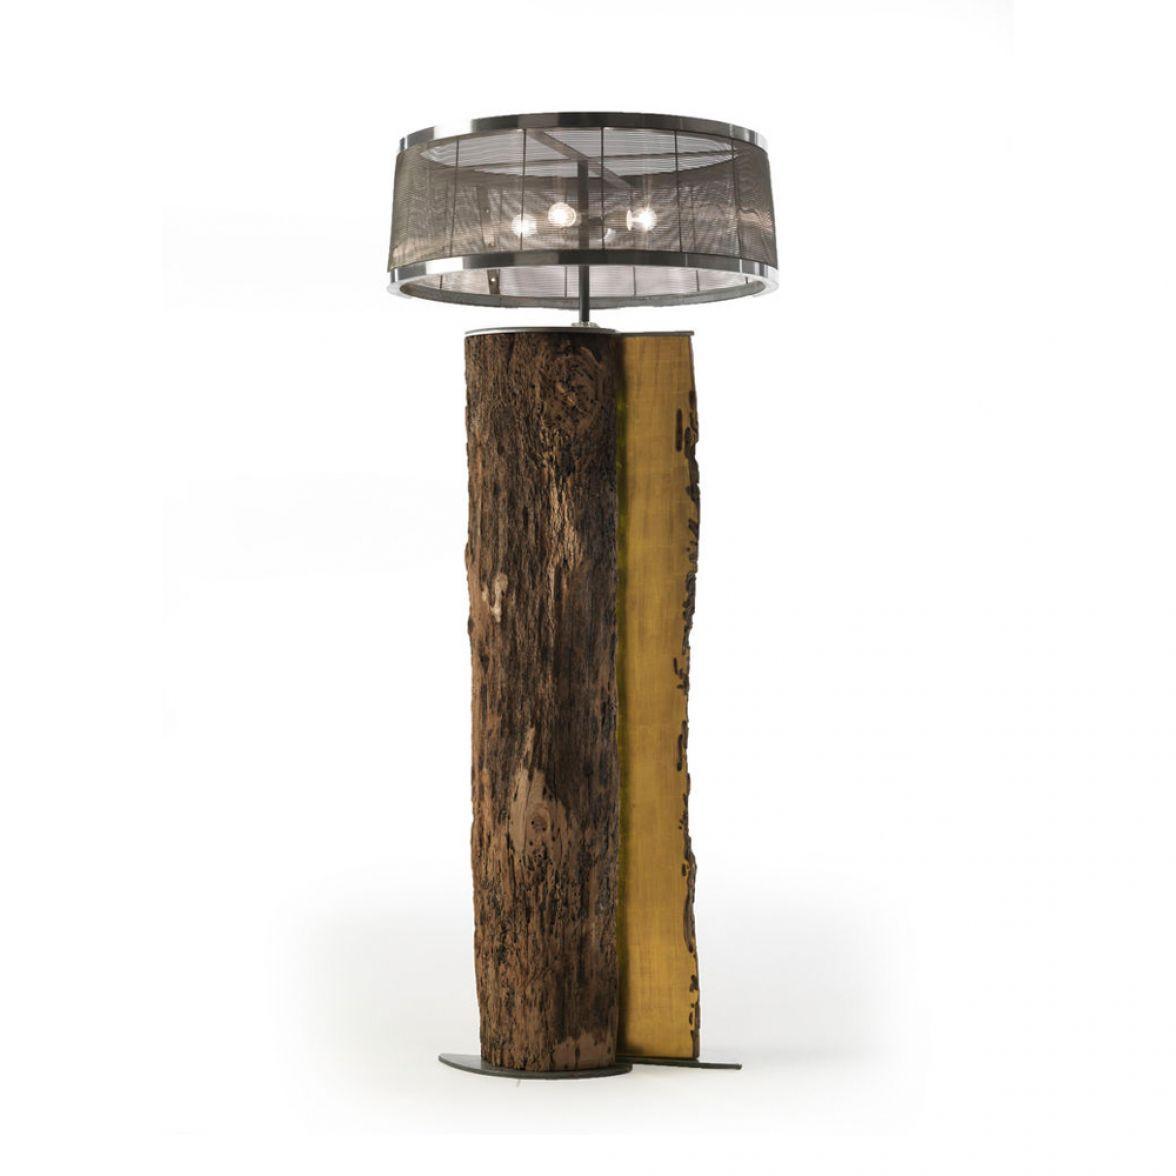 Serena figini floor lamp